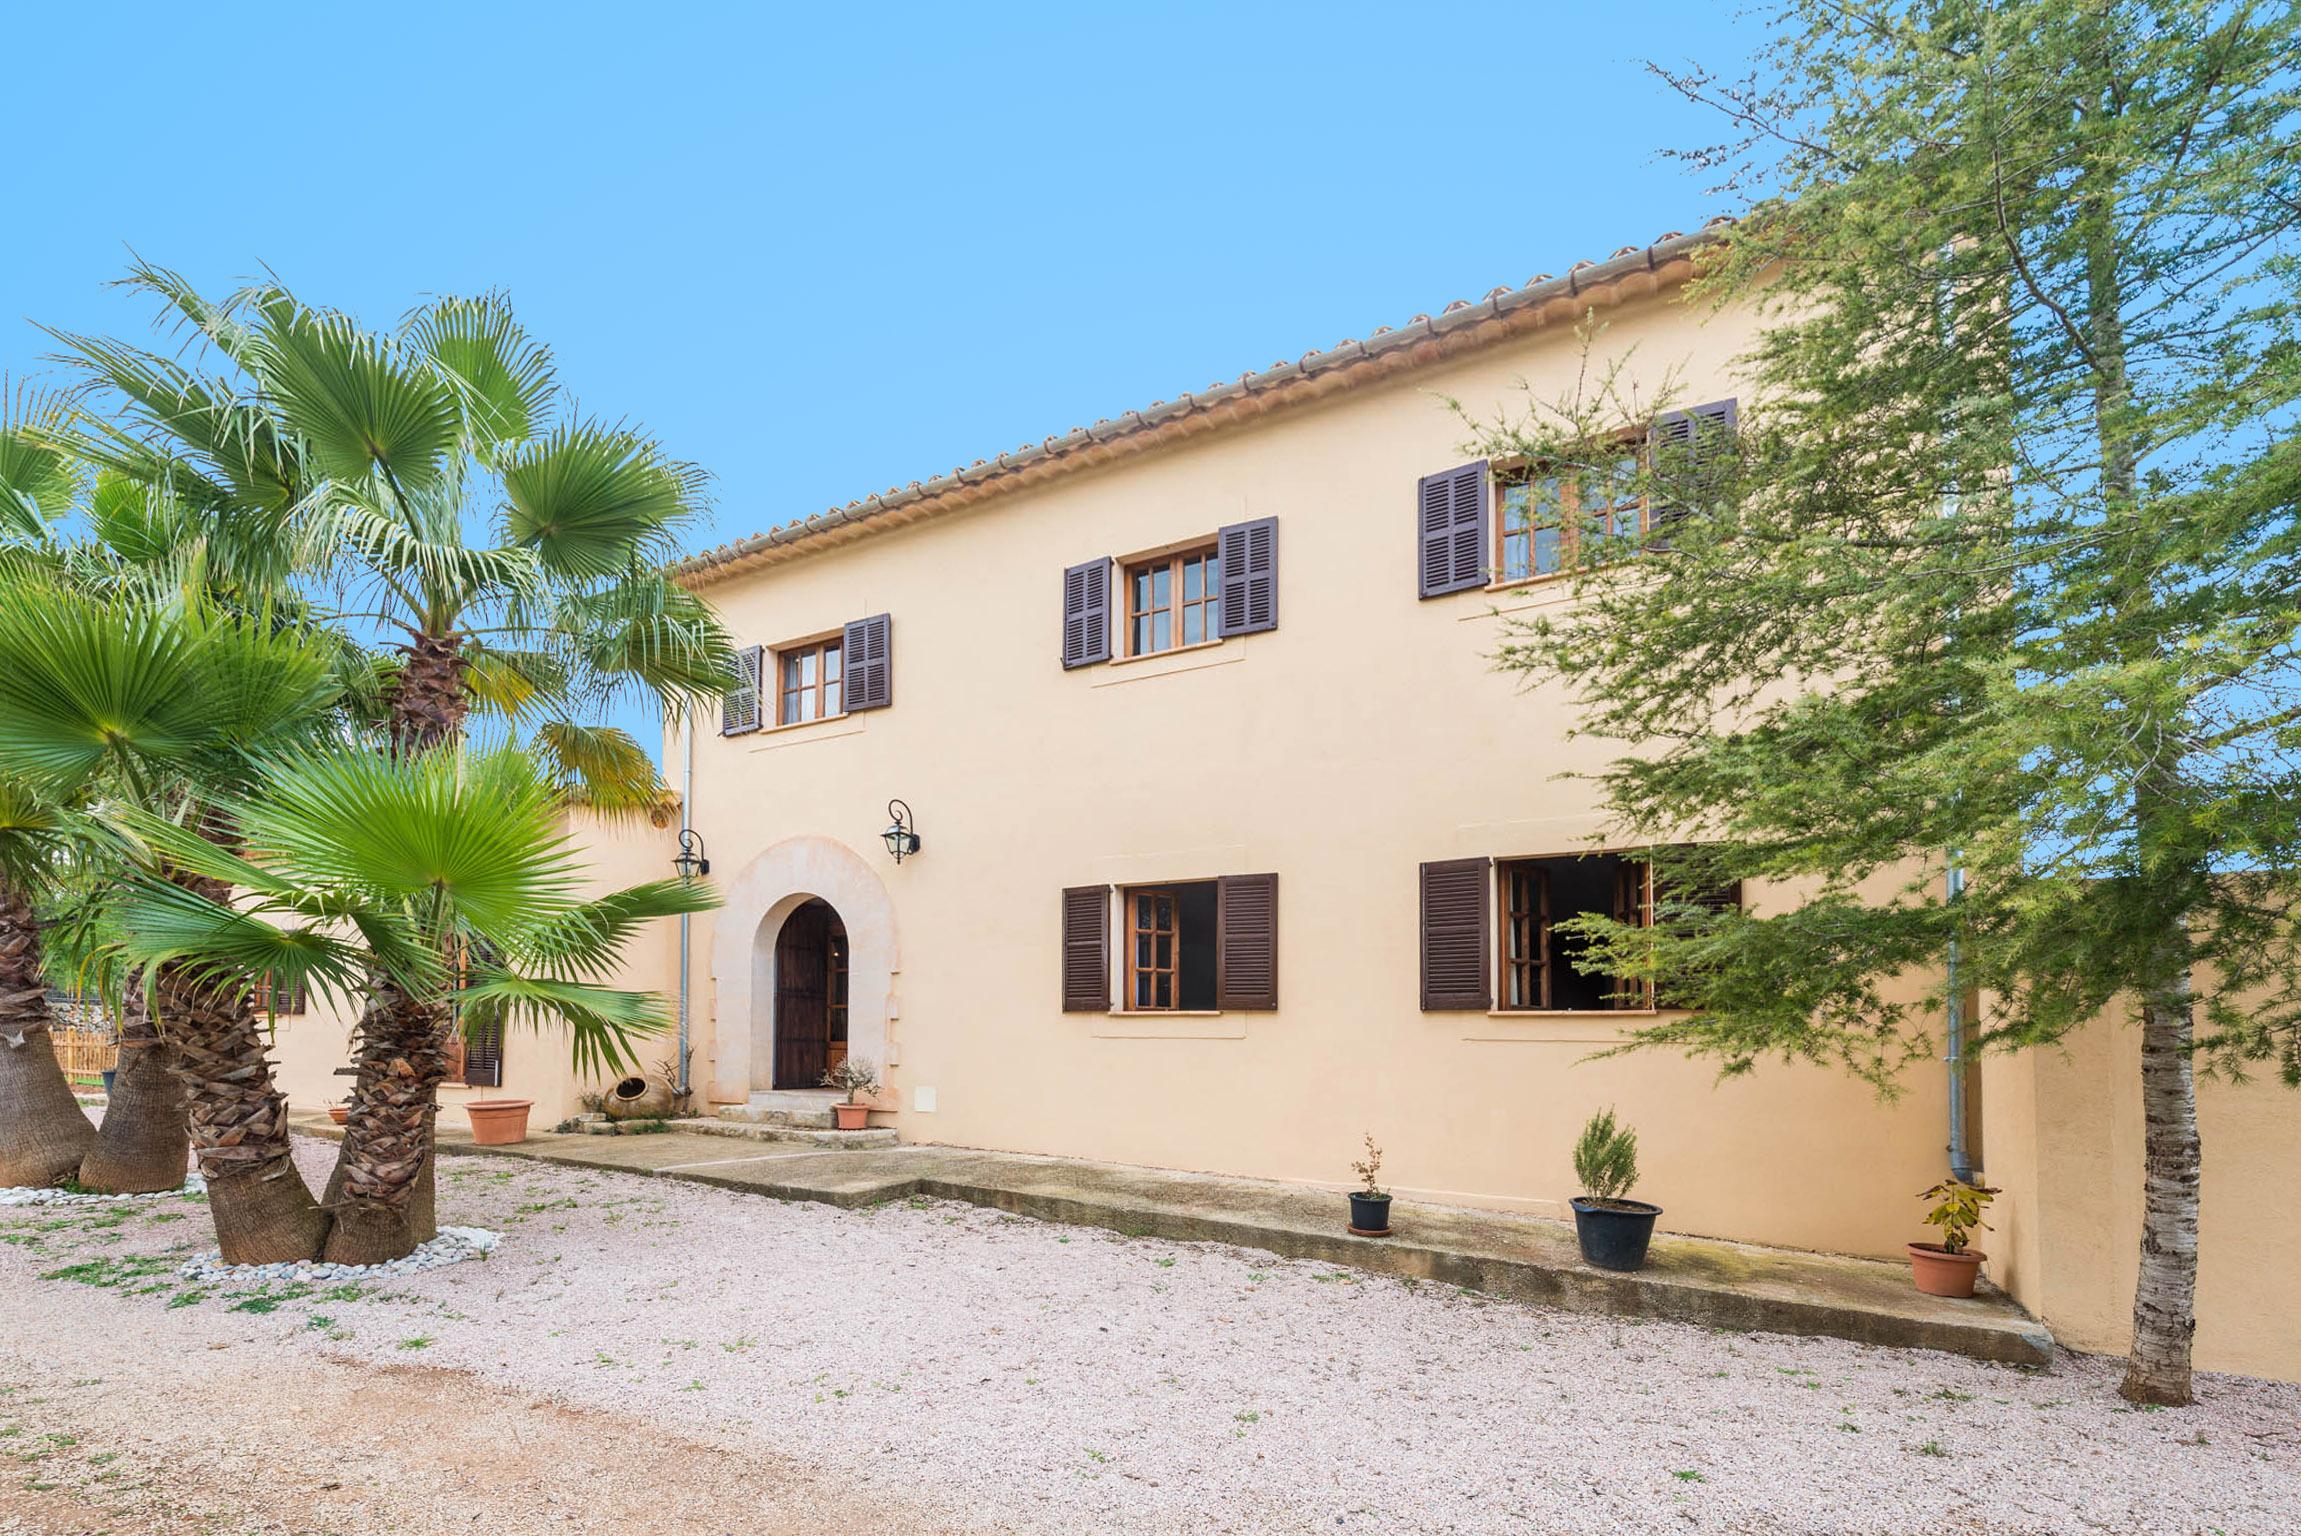 Maison de vacances SON BRINES (1871713), Lloret de Vistalegre, Majorque, Iles Baléares, Espagne, image 7